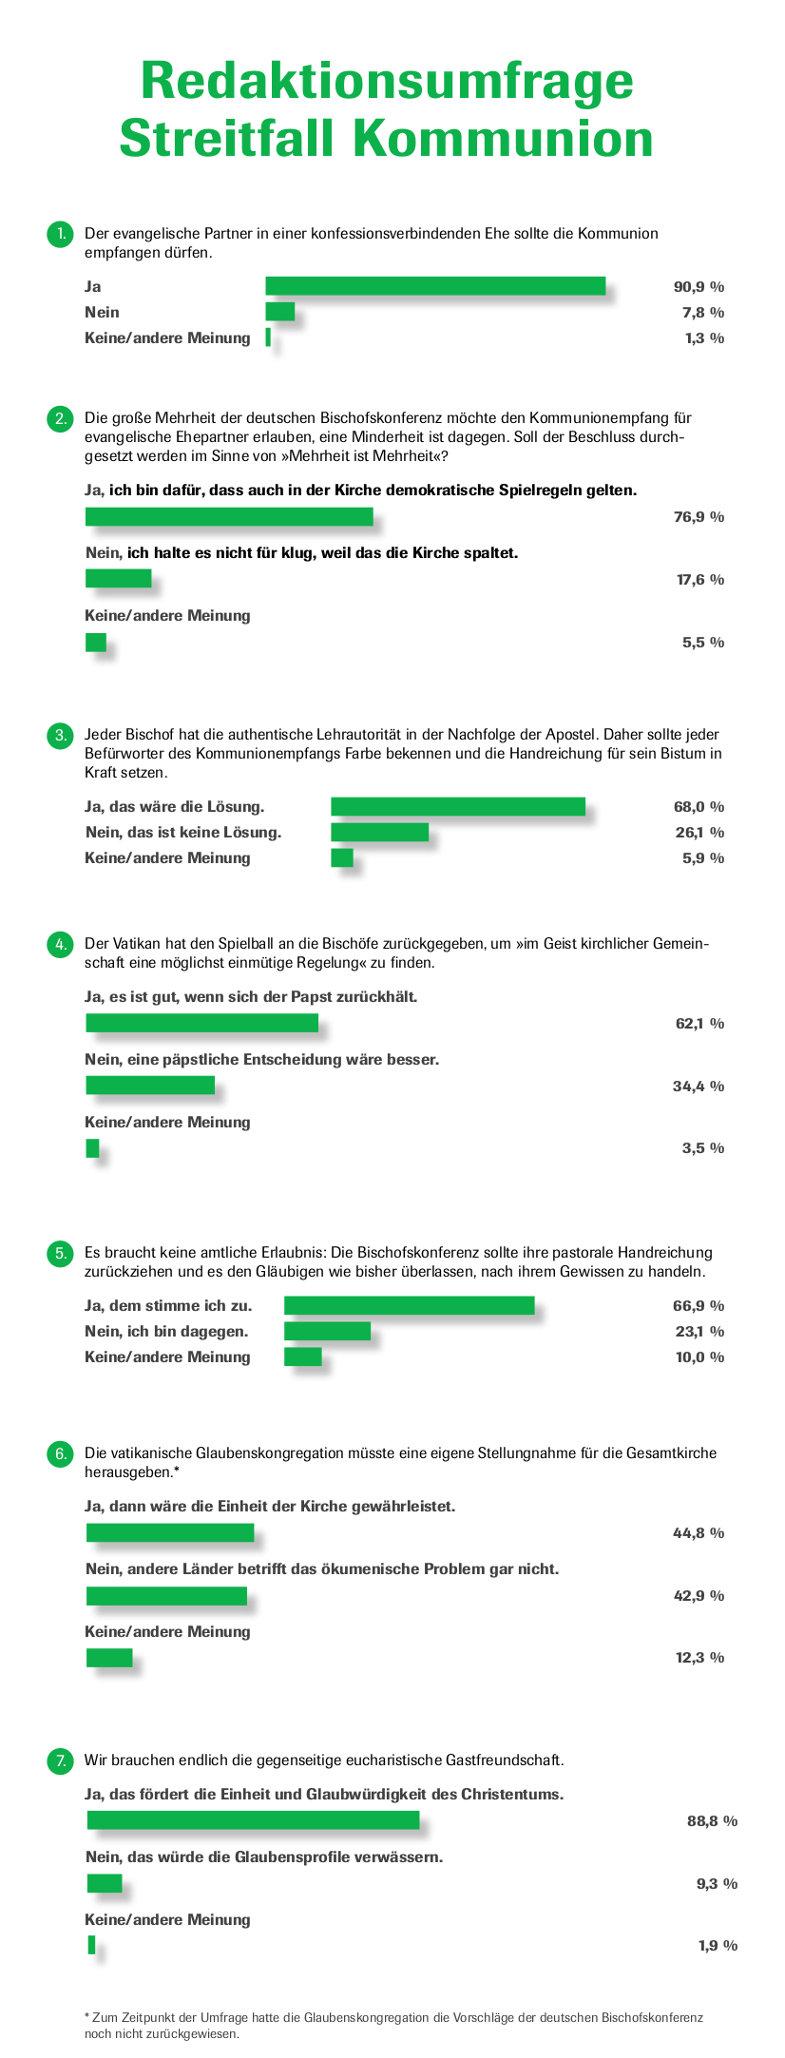 Streitfall Kommunion: Auswertung einer Umfrage des CHRIST IN DER GEGENWART